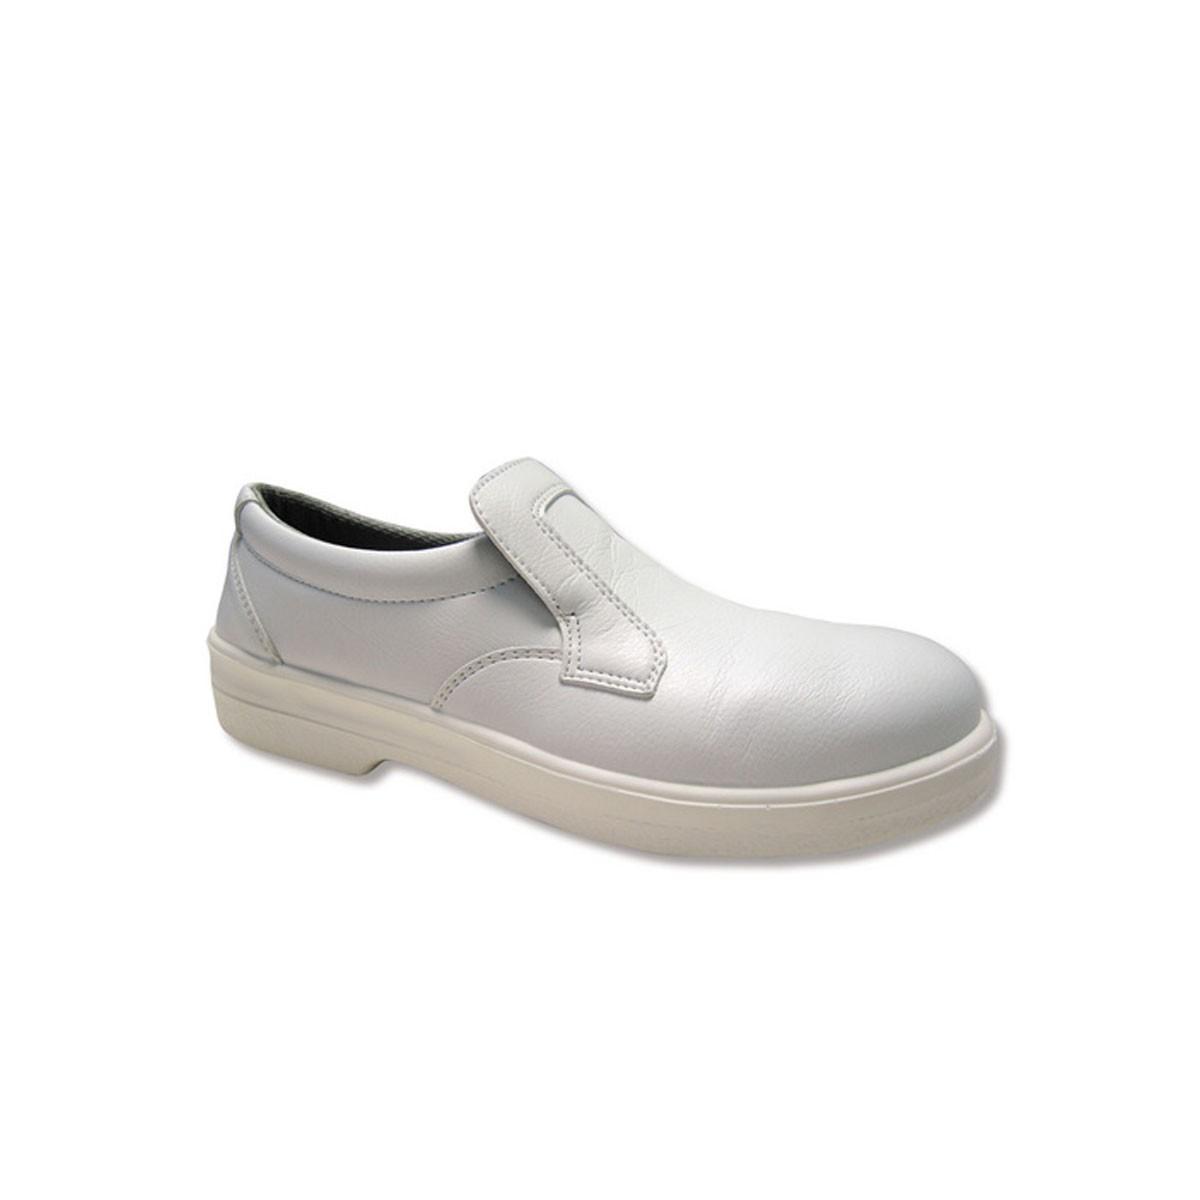 37bbbf6fa SAPATO BRANCO BIQUEIRA DE AÇO - Vestuário / Calçado - Produtos